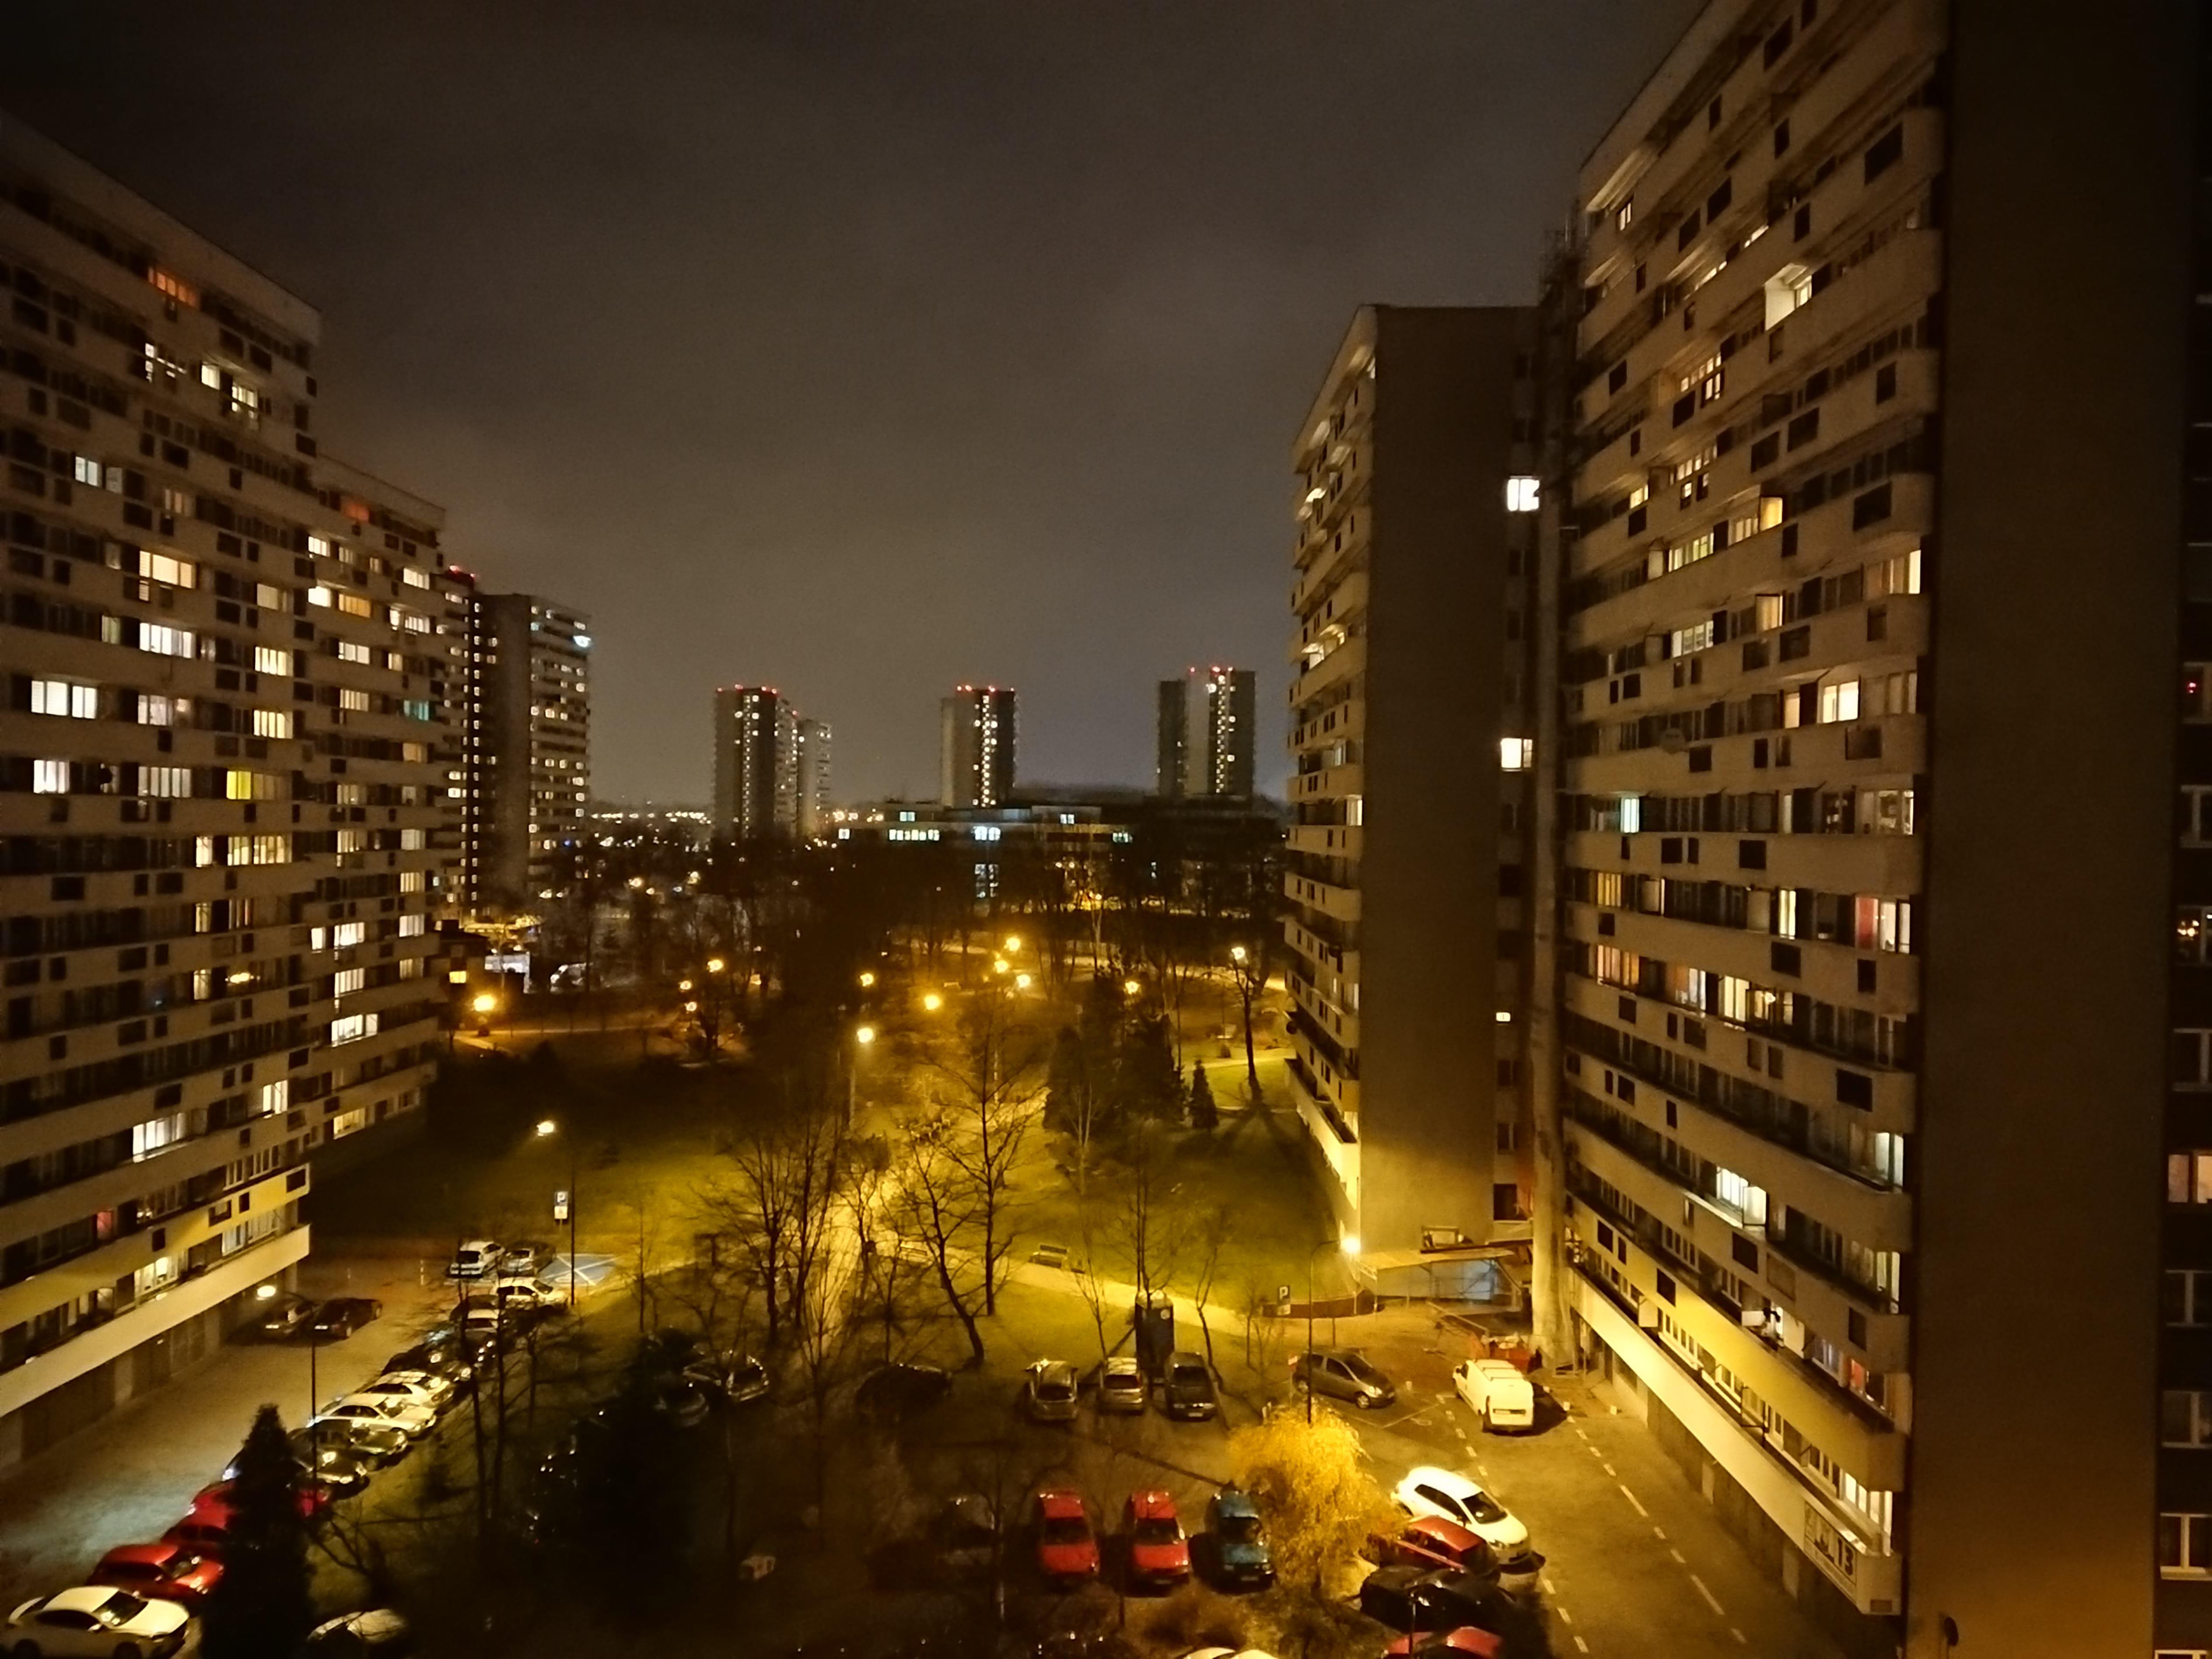 Zdjęcia nocne - Sony Xperia XZ1 Compact